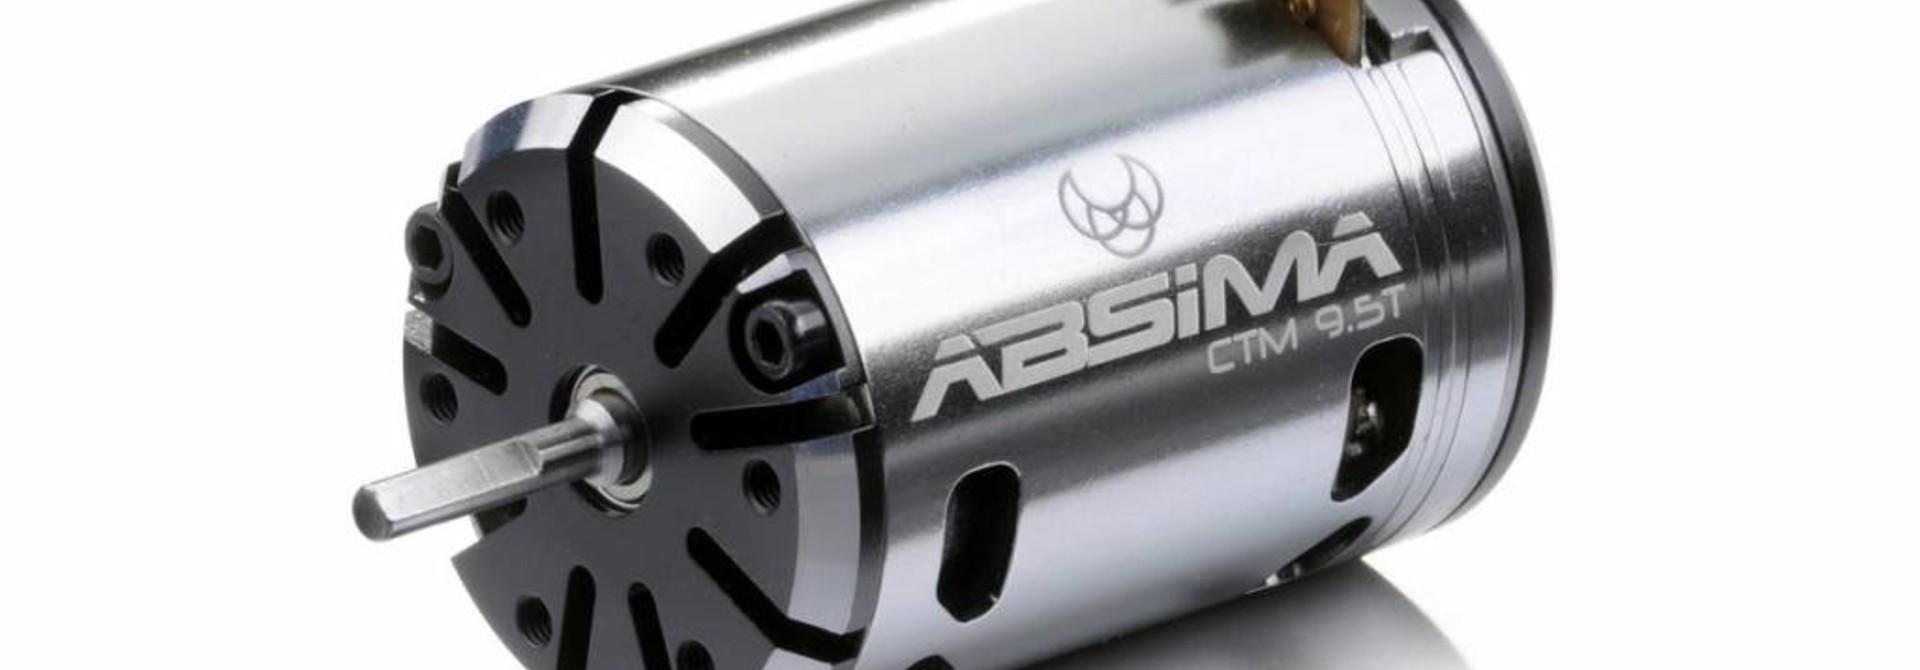 """Brushless Motor 1:10 """"Revenge CTM"""" 21,5T Stock"""